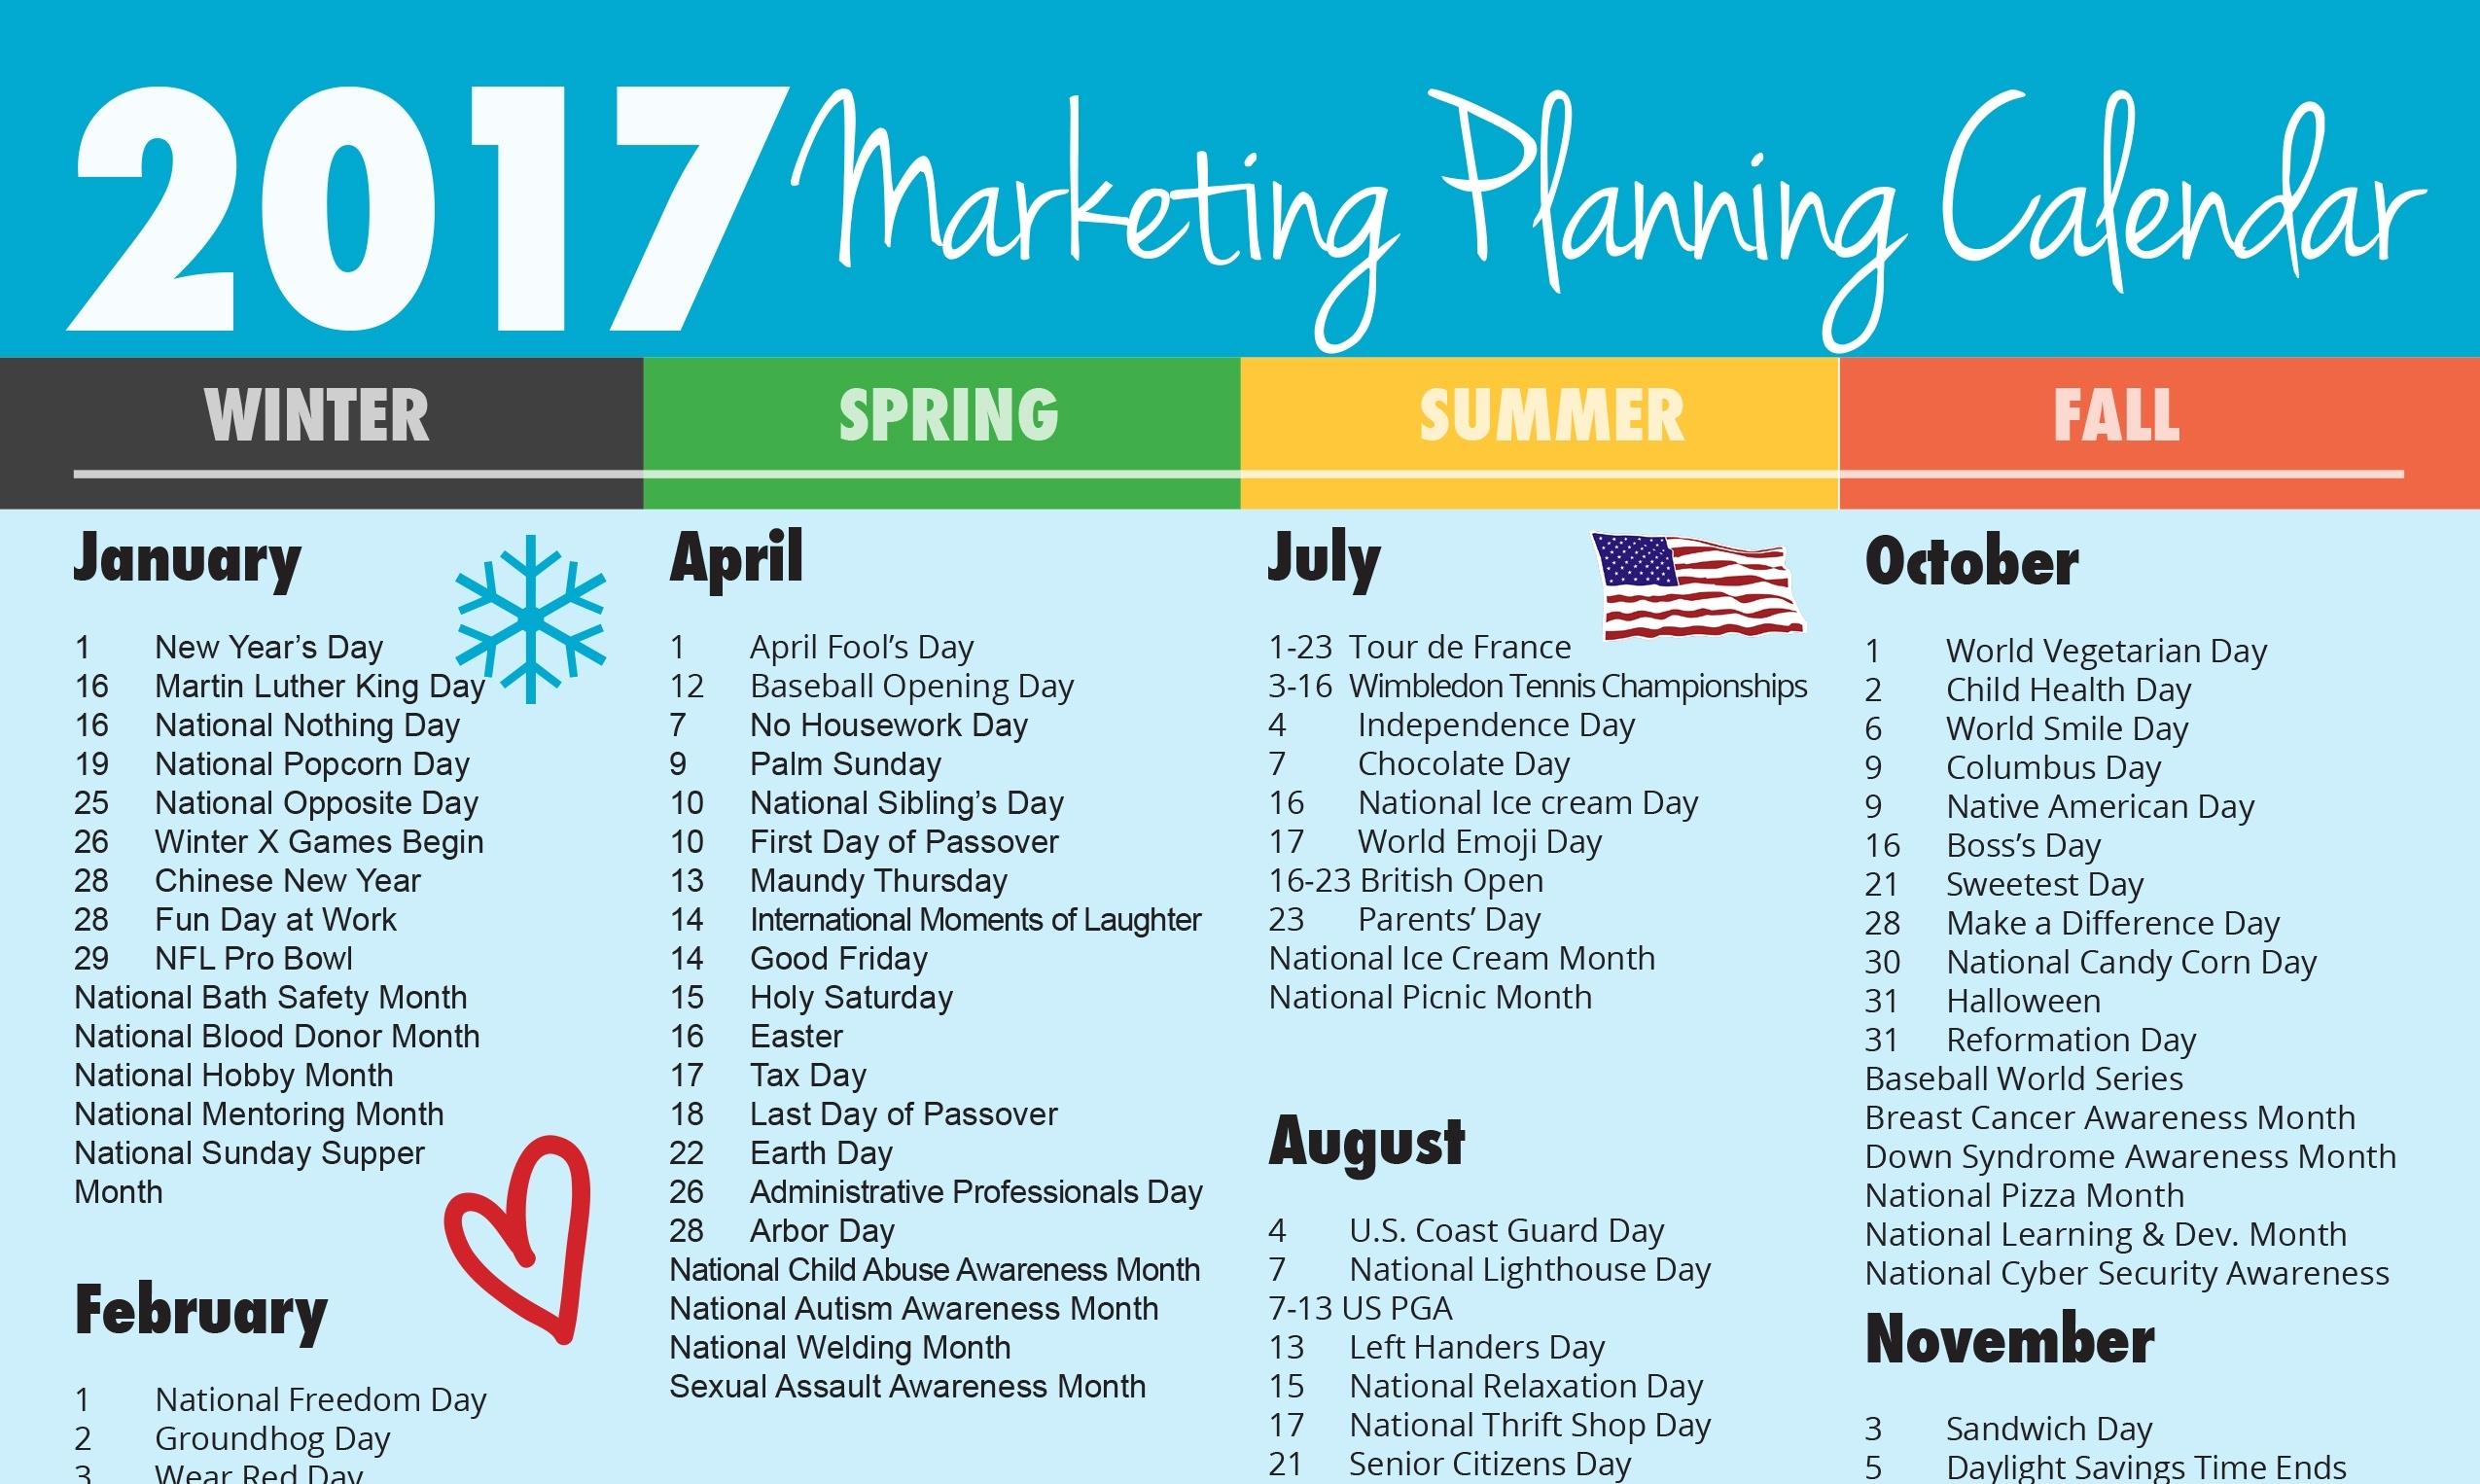 Ultimate 2017 Marketing Planning Calendar - Rebecca Vandenberg Web  Images National Day August 23